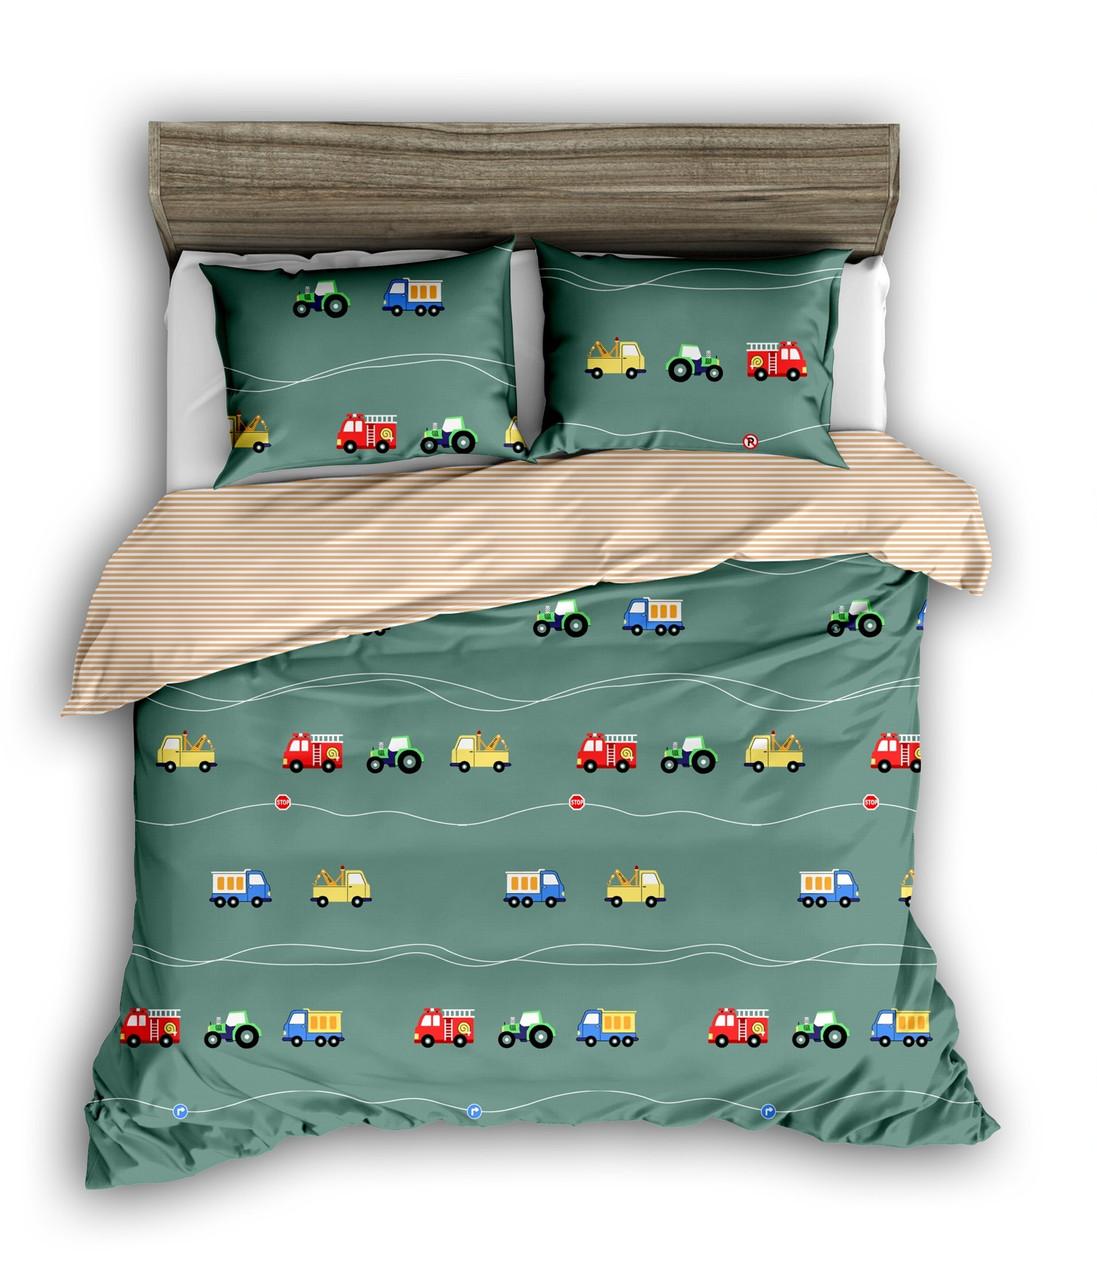 Полуторный комплект постельного белья «Машинки» 147х217 см из сатина